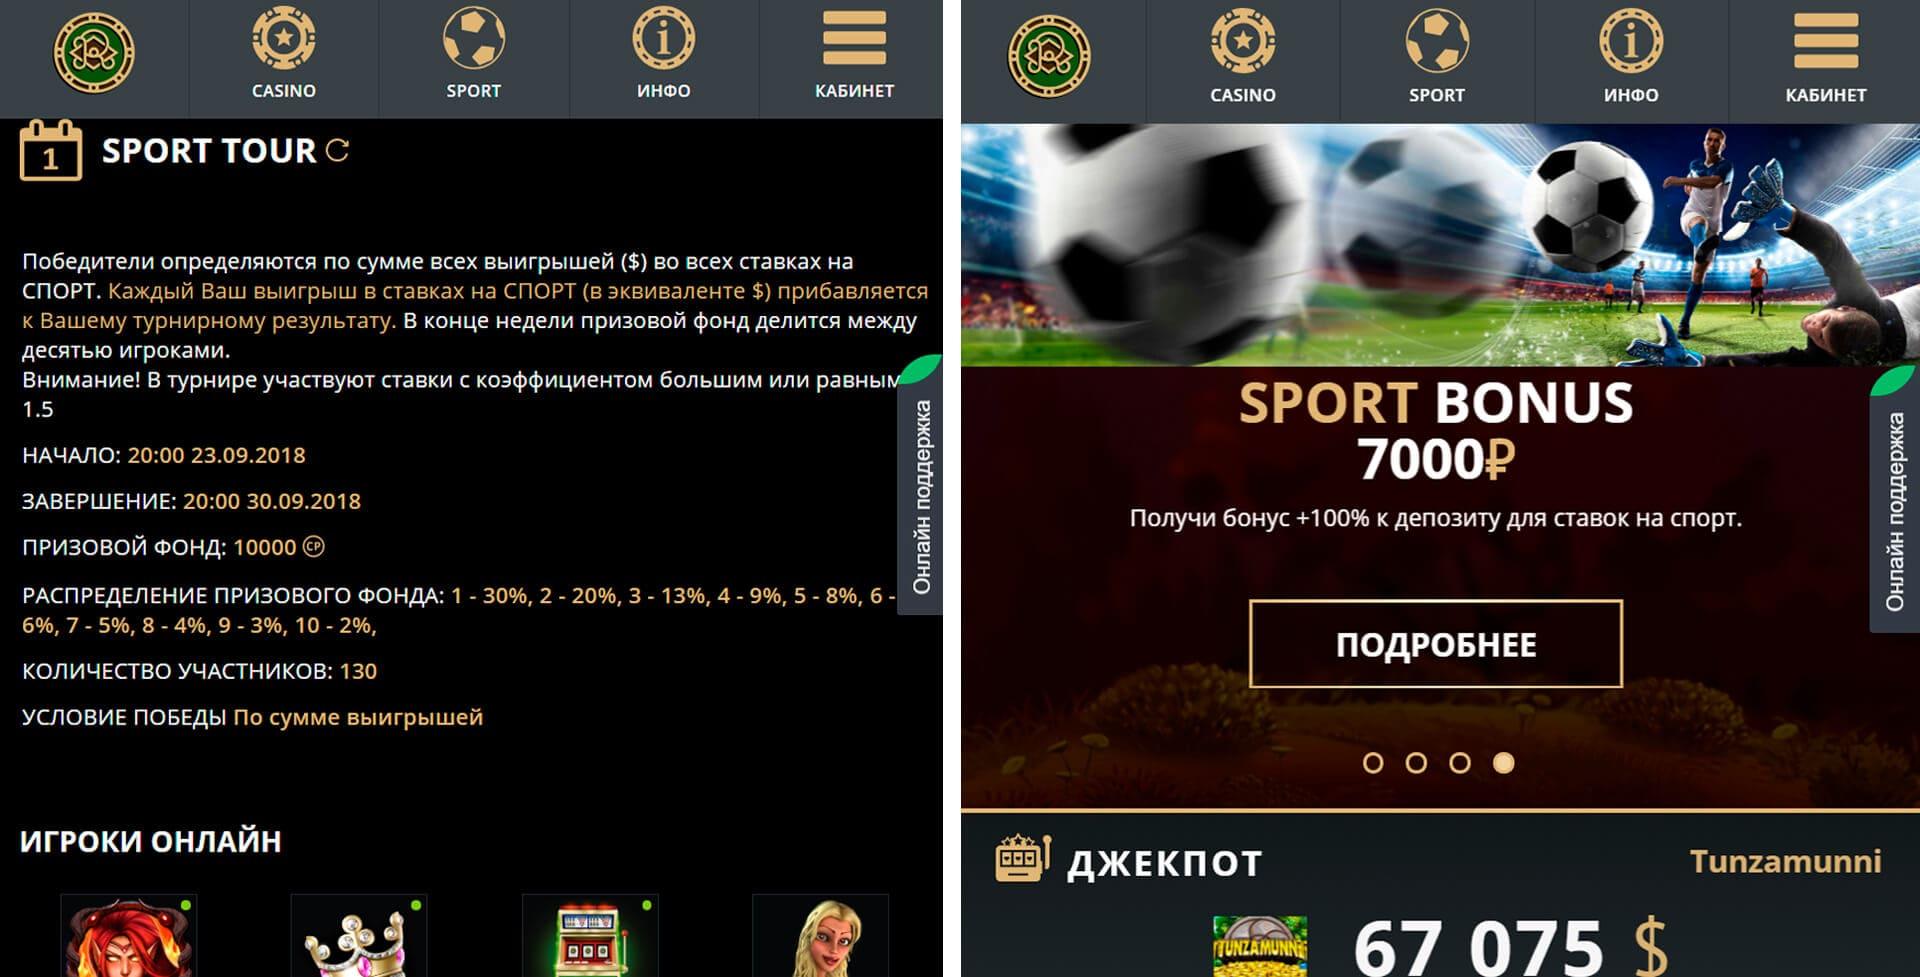 казино риобет официальный мобильная